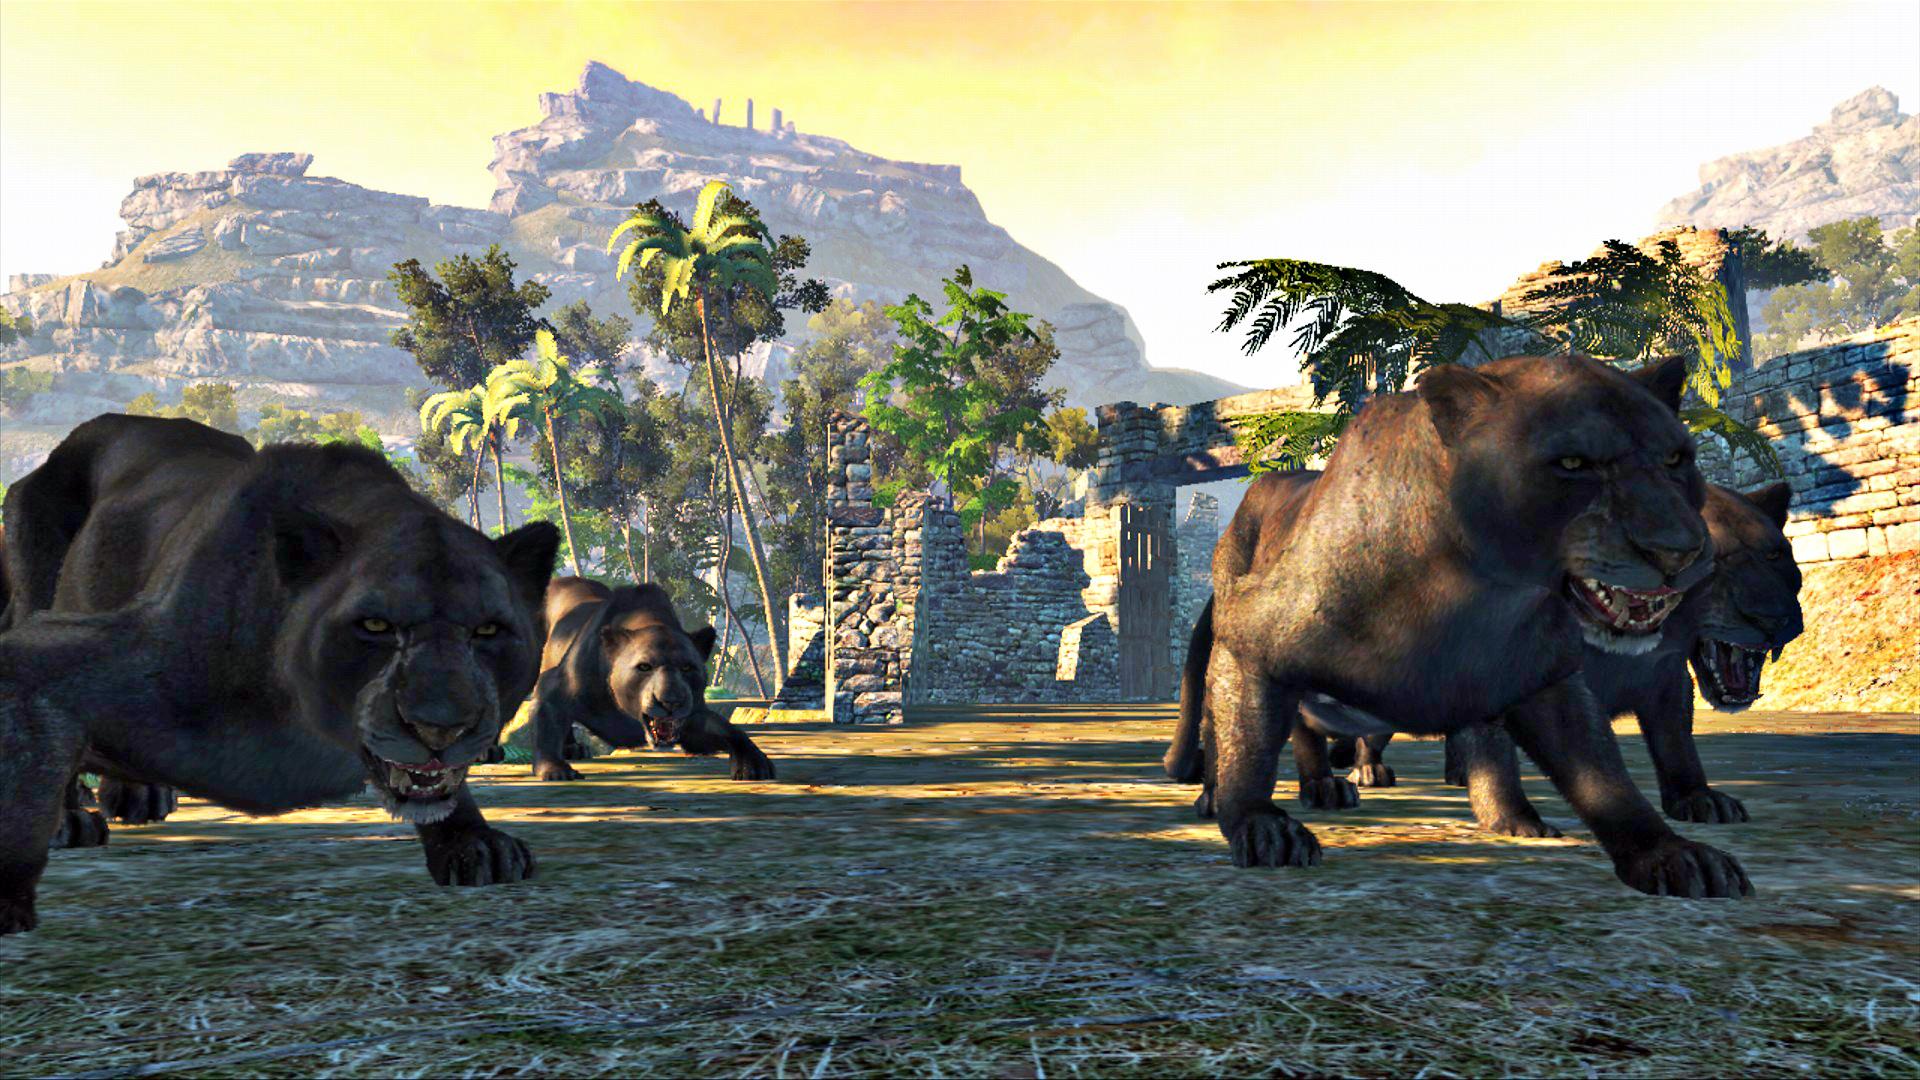 Afrikanske safari jakt pakker for storvilt og farlig spill